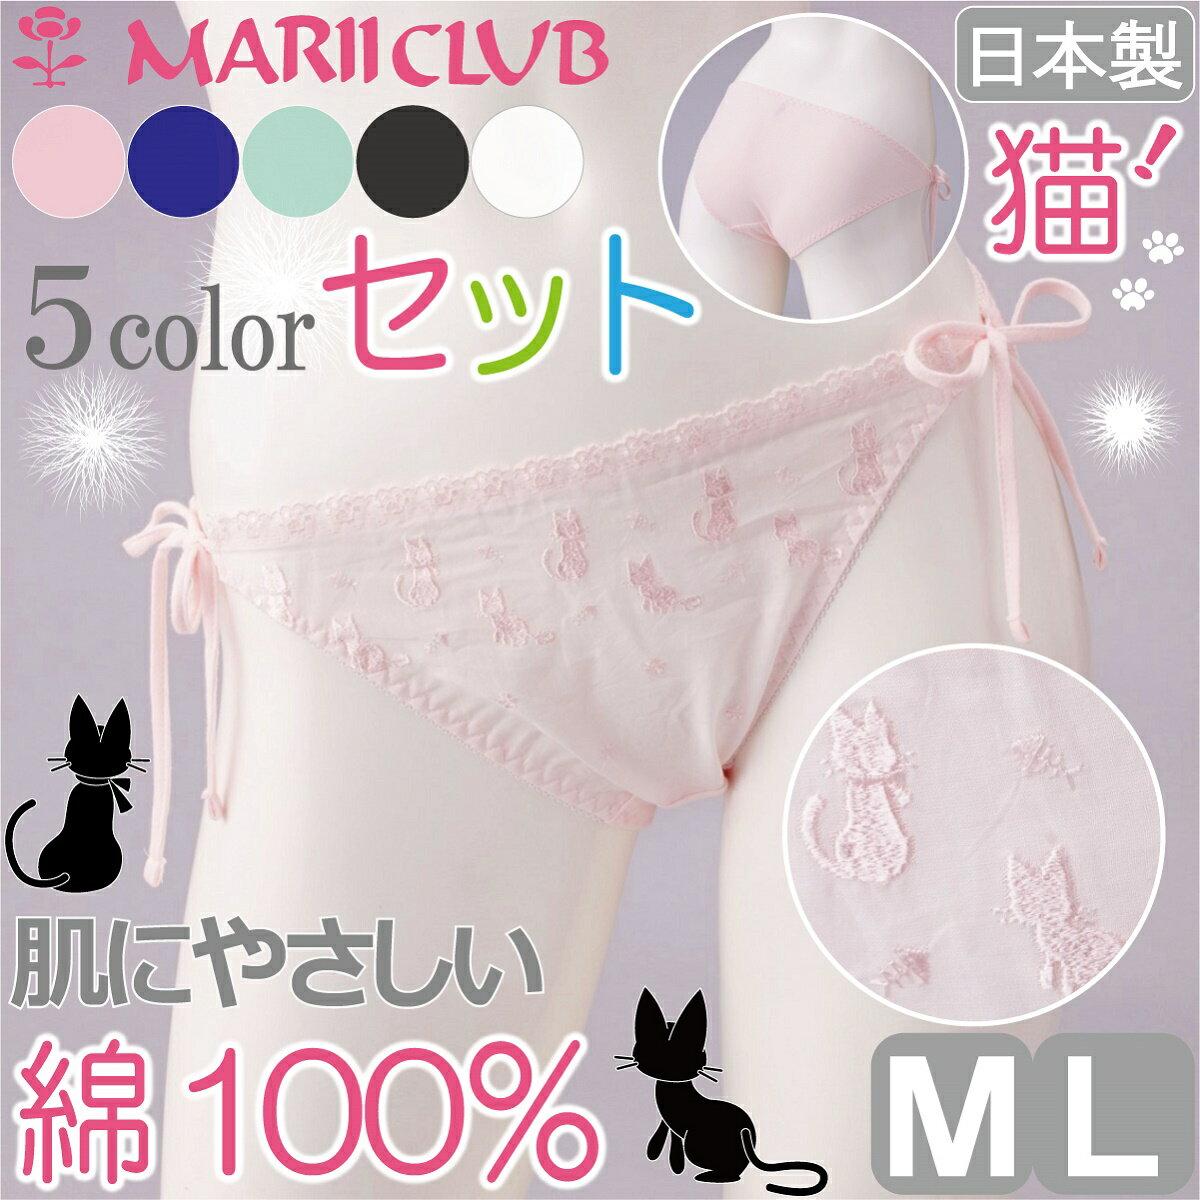 全5色セット 紐パン ショーツ 綿100% レディース 日本製 猫柄レース M/Lサイズ 紐ショーツ 単品 ねこ ネコ柄 グッズ 国産 コットン100% スタンダード フルバック ショーツ MARII CLUB/マリイクラブ